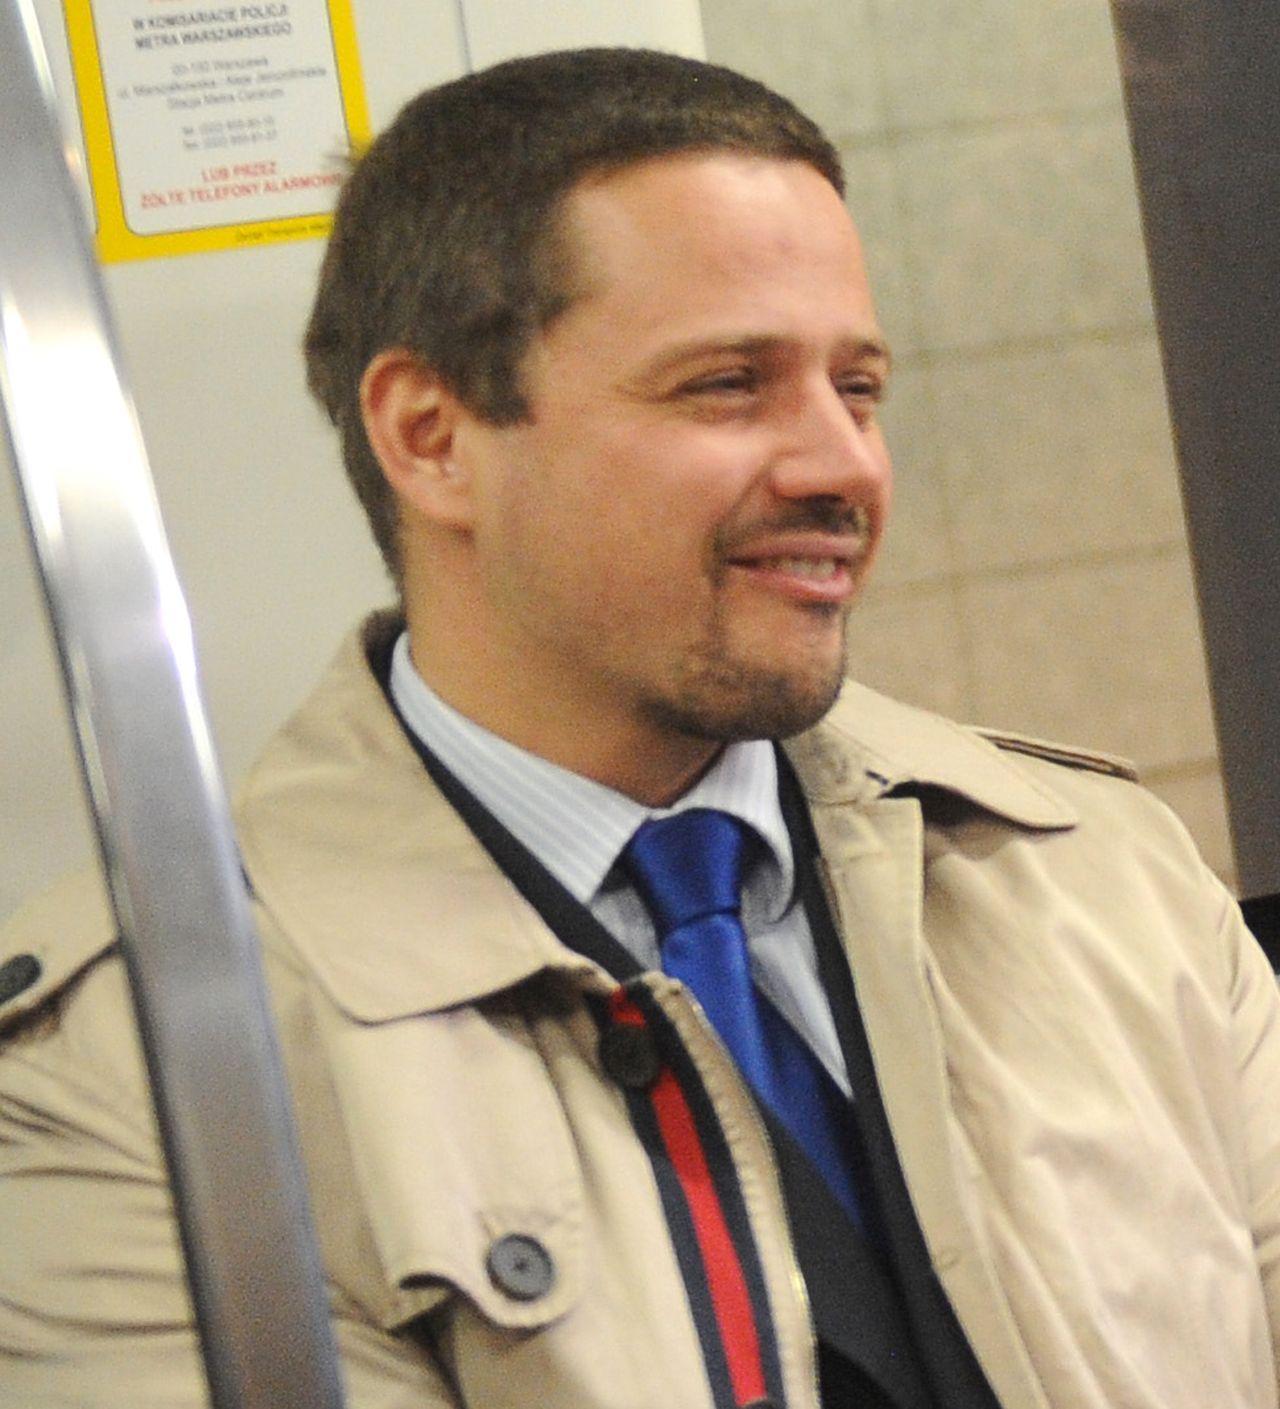 2010 rok - Rafał Trzaskowski w sztabie Hanny Gronkiewicz - Waltz